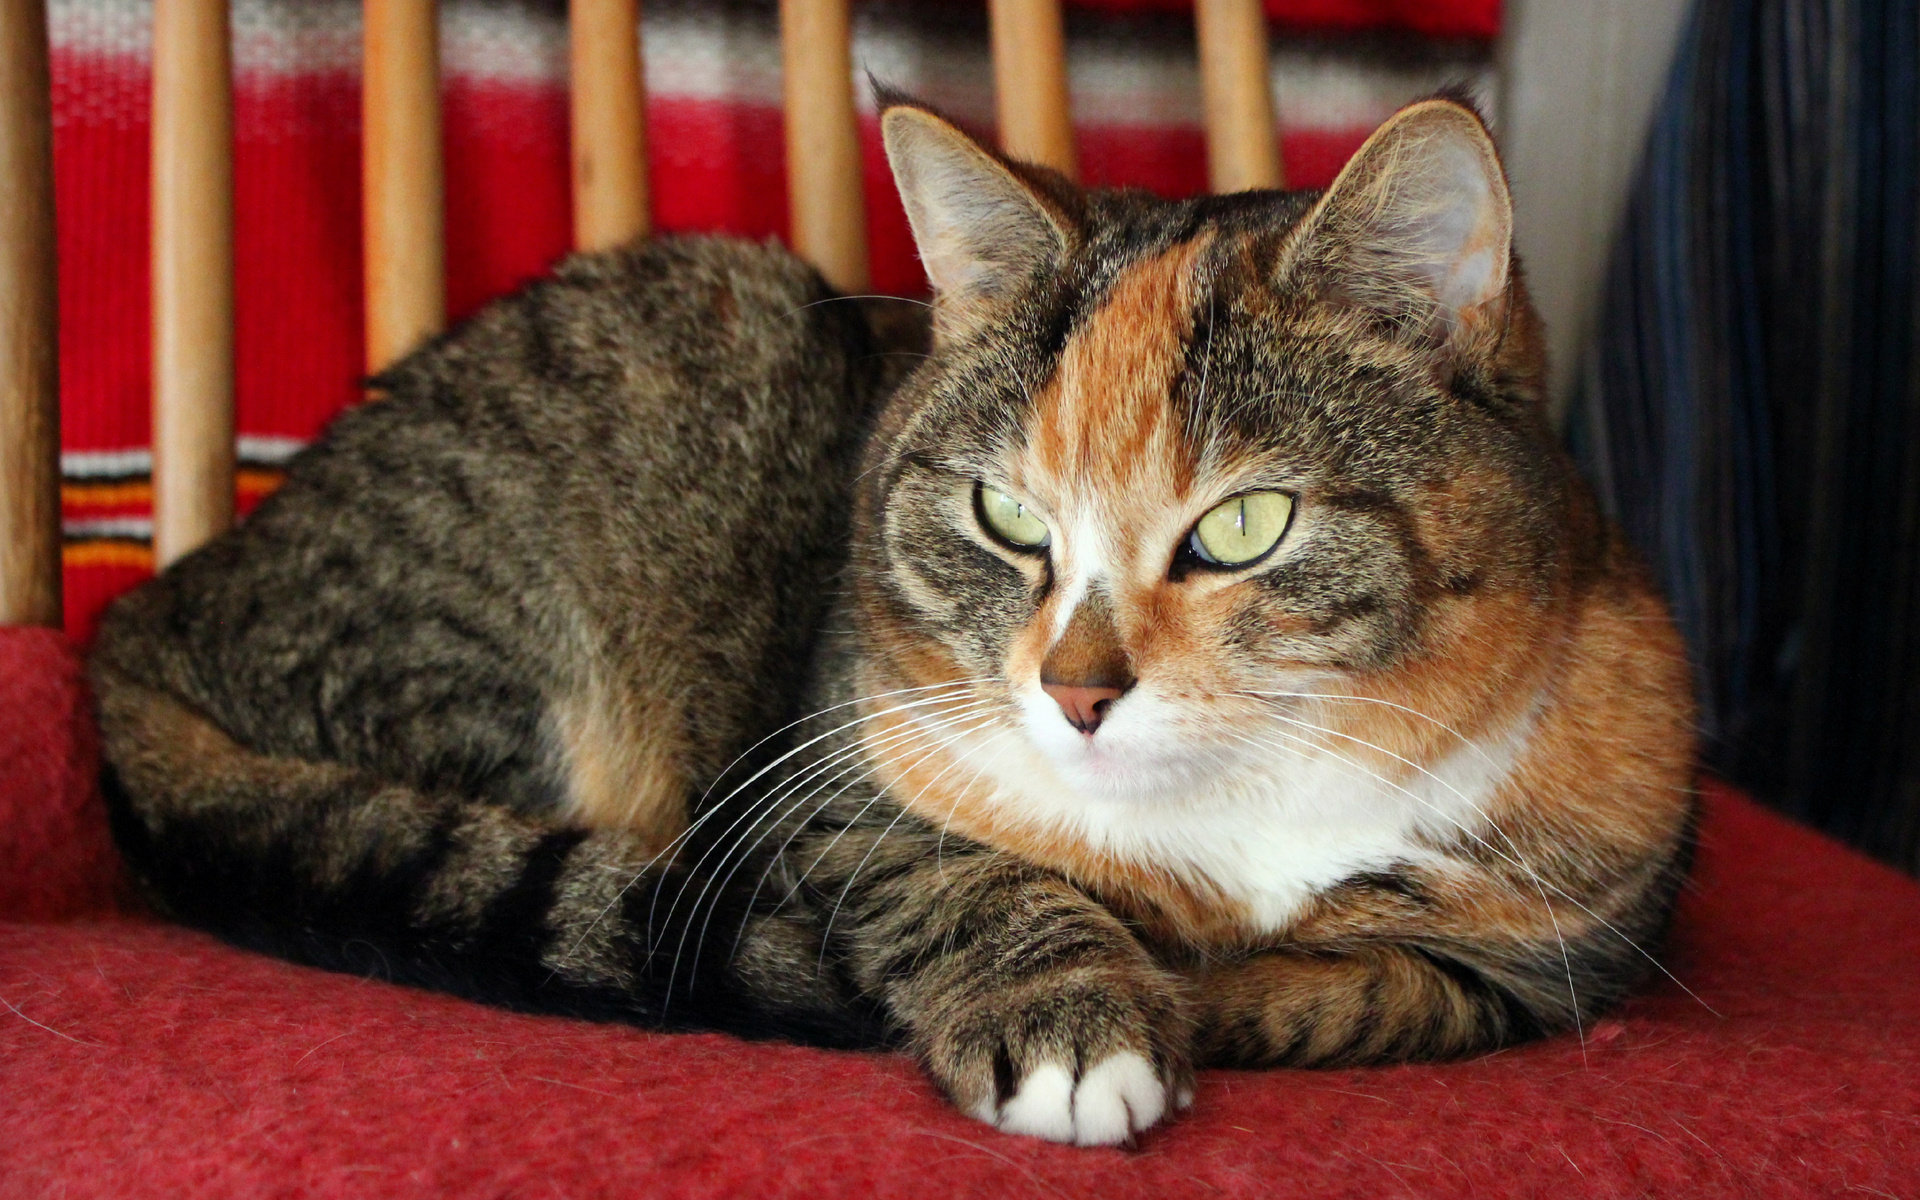 берегу лежащие коты картинки станки, предназначенніе